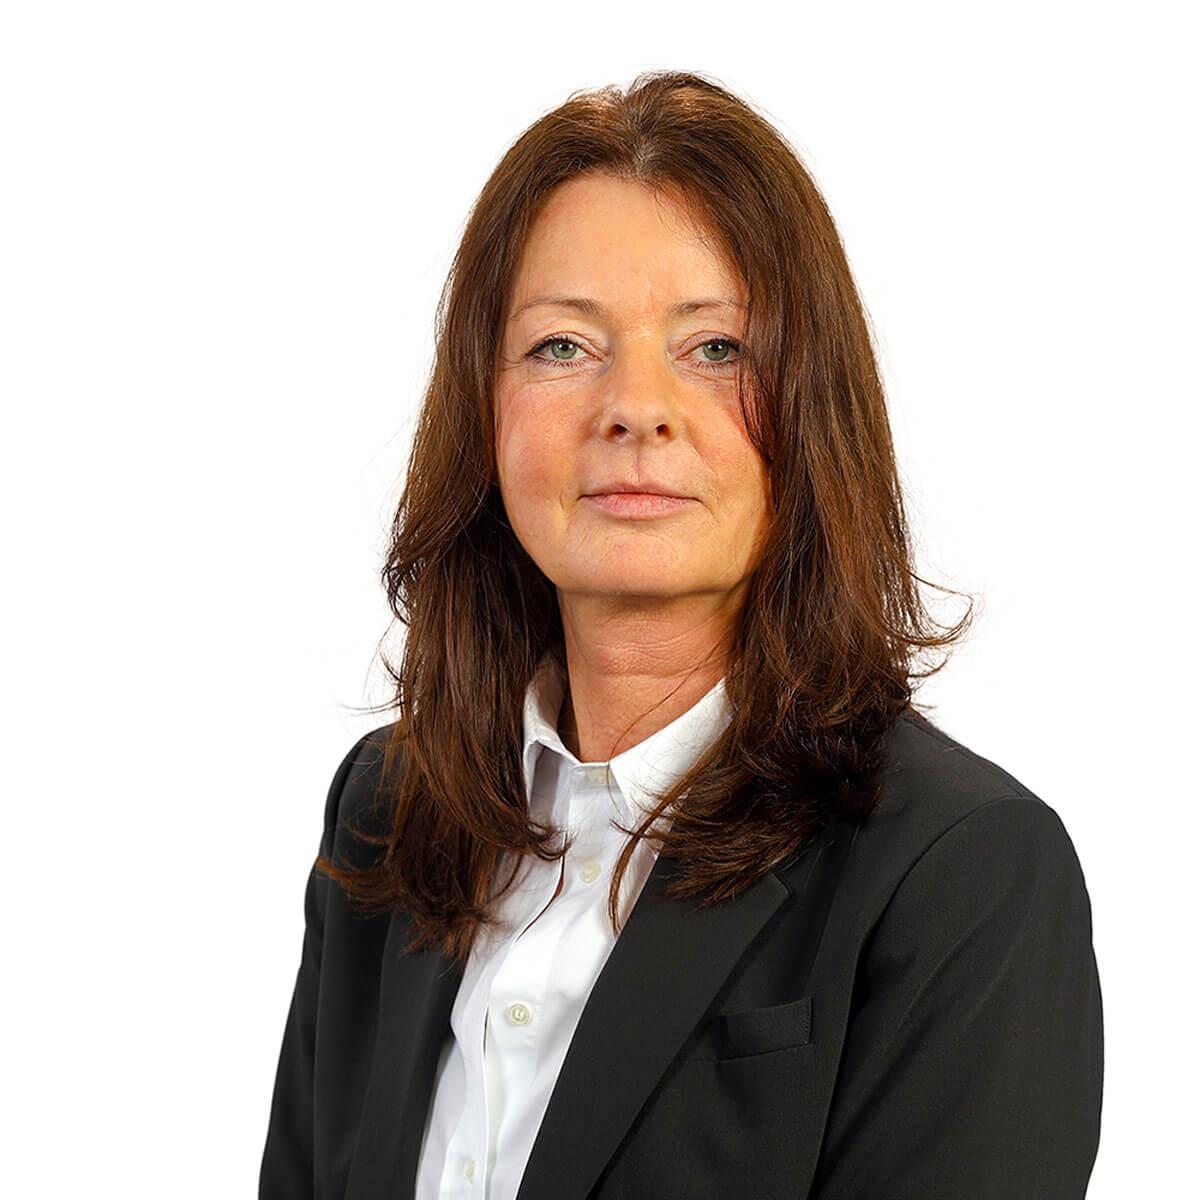 Kerstin Kathe Sekretärin bei der Kocher GmbH